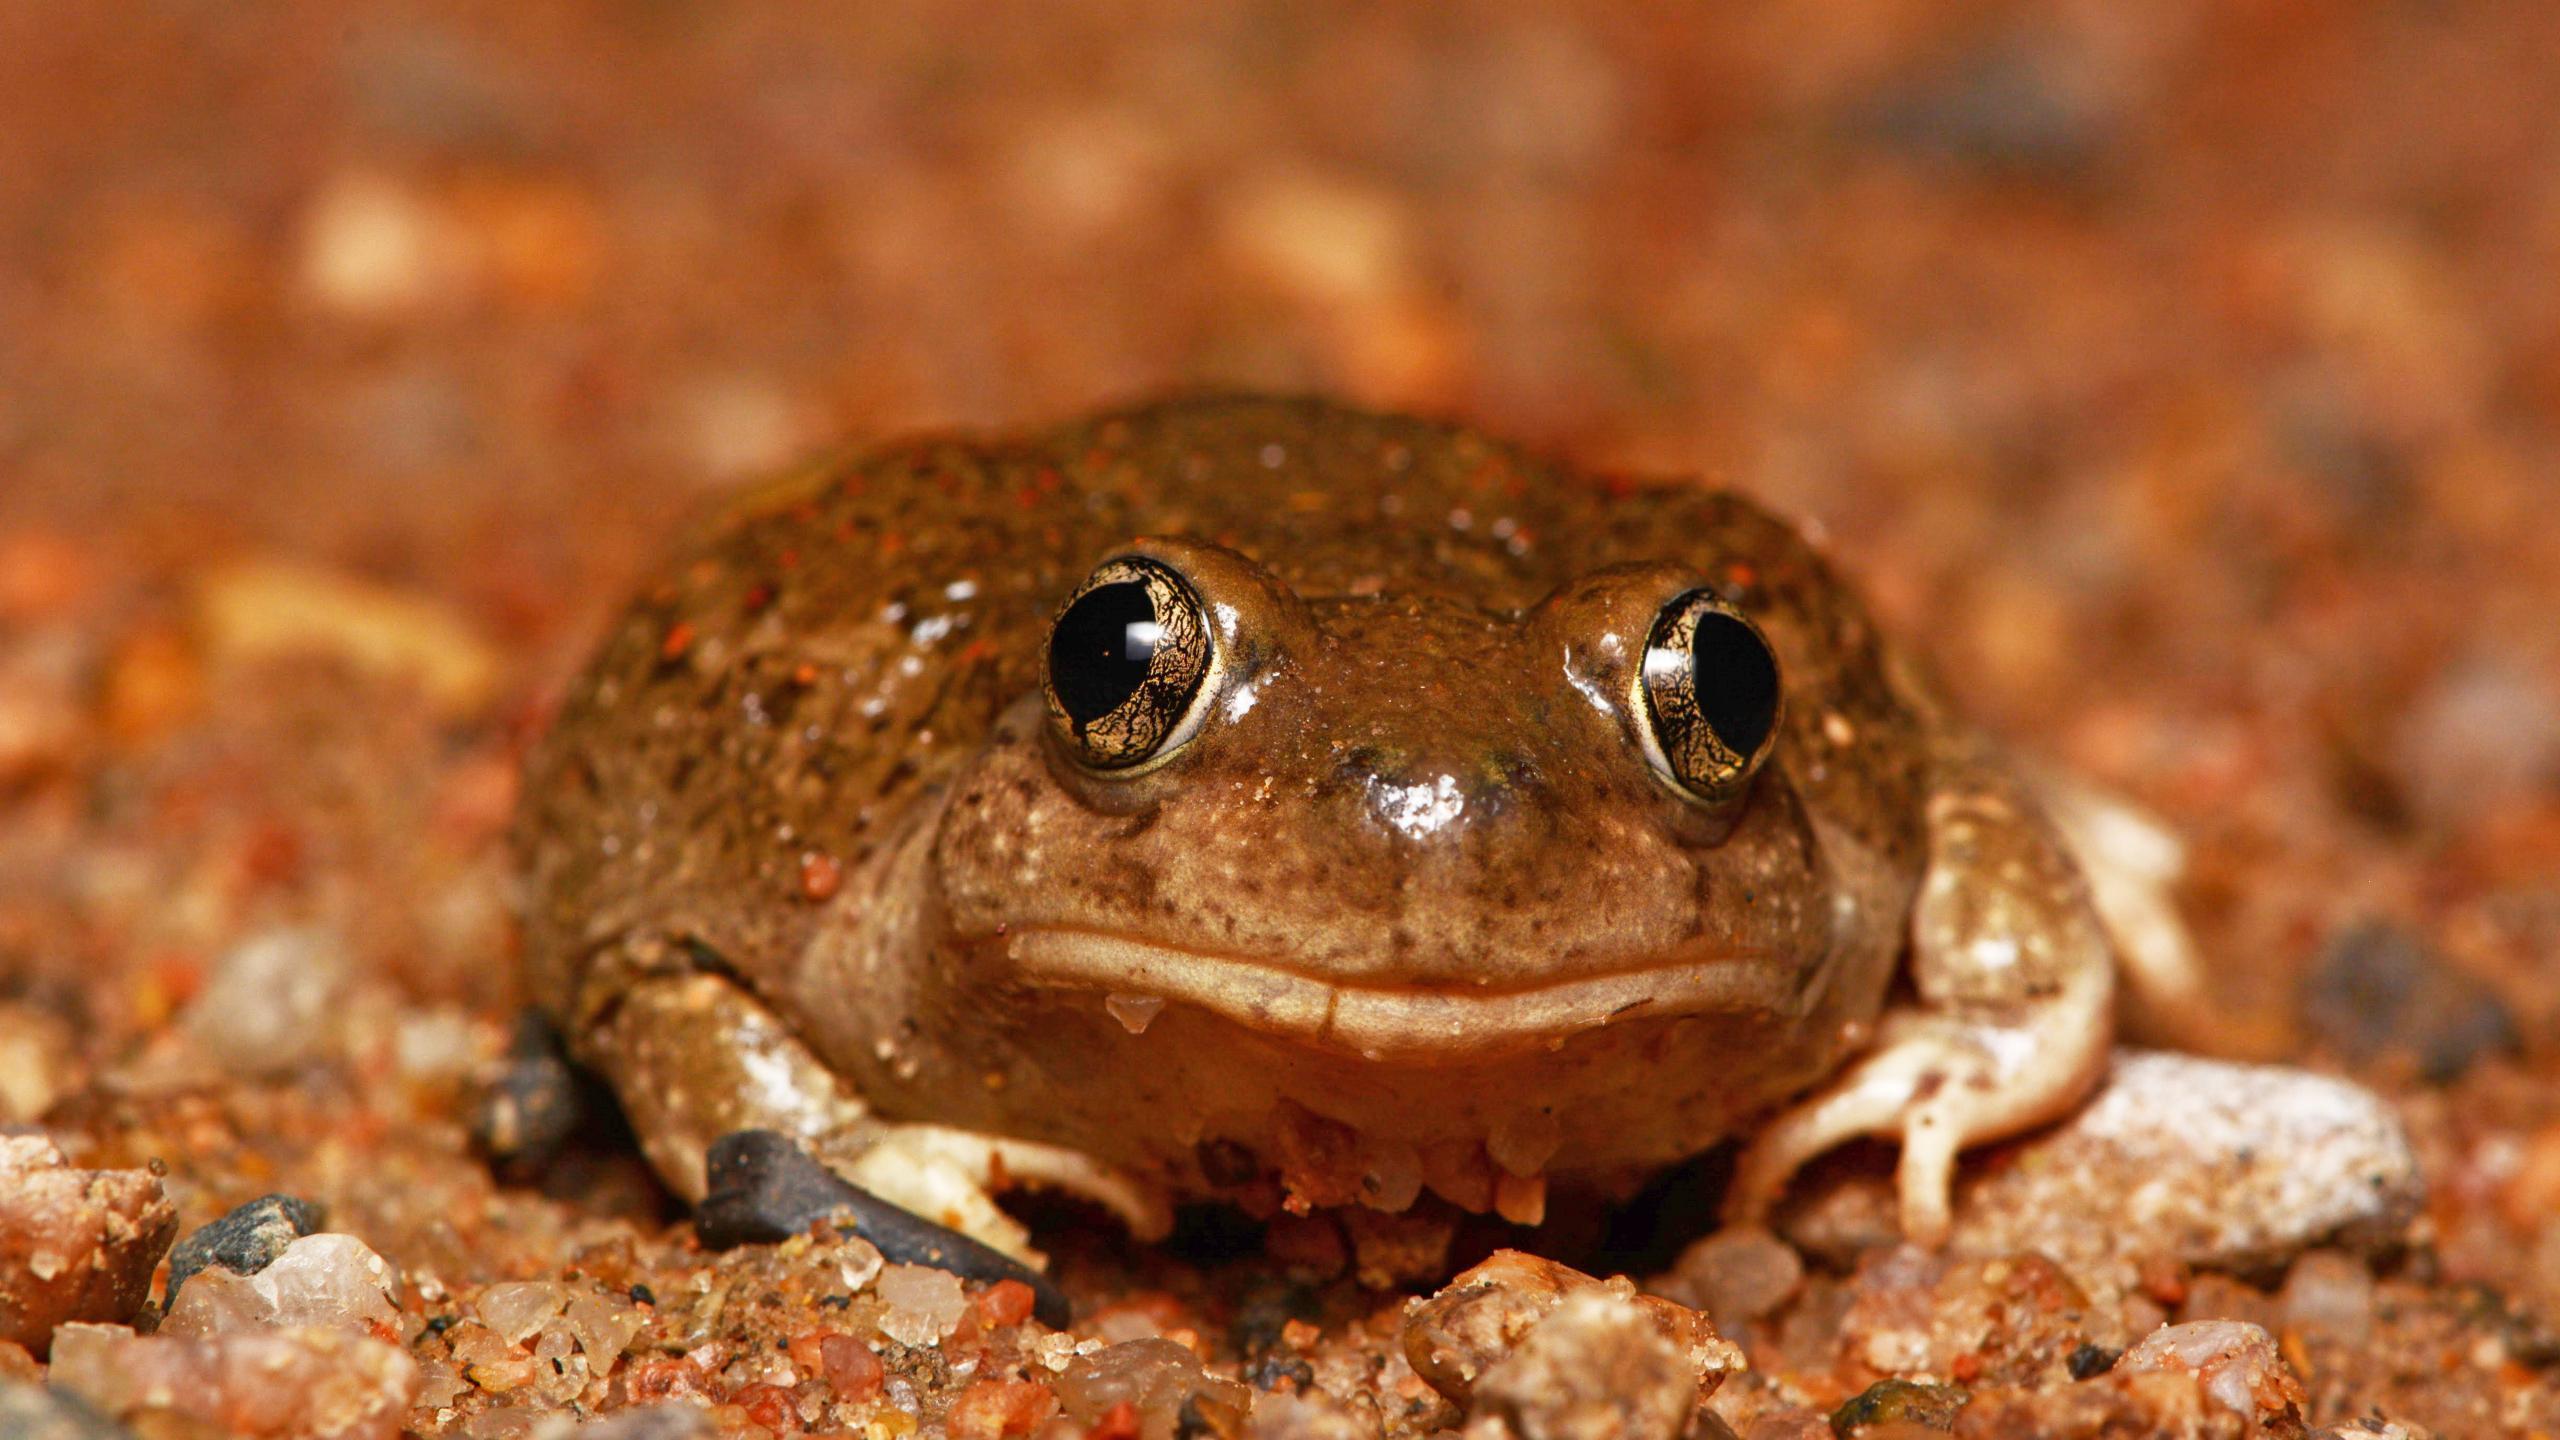 Самки жаб разбираются в самцах другого вида